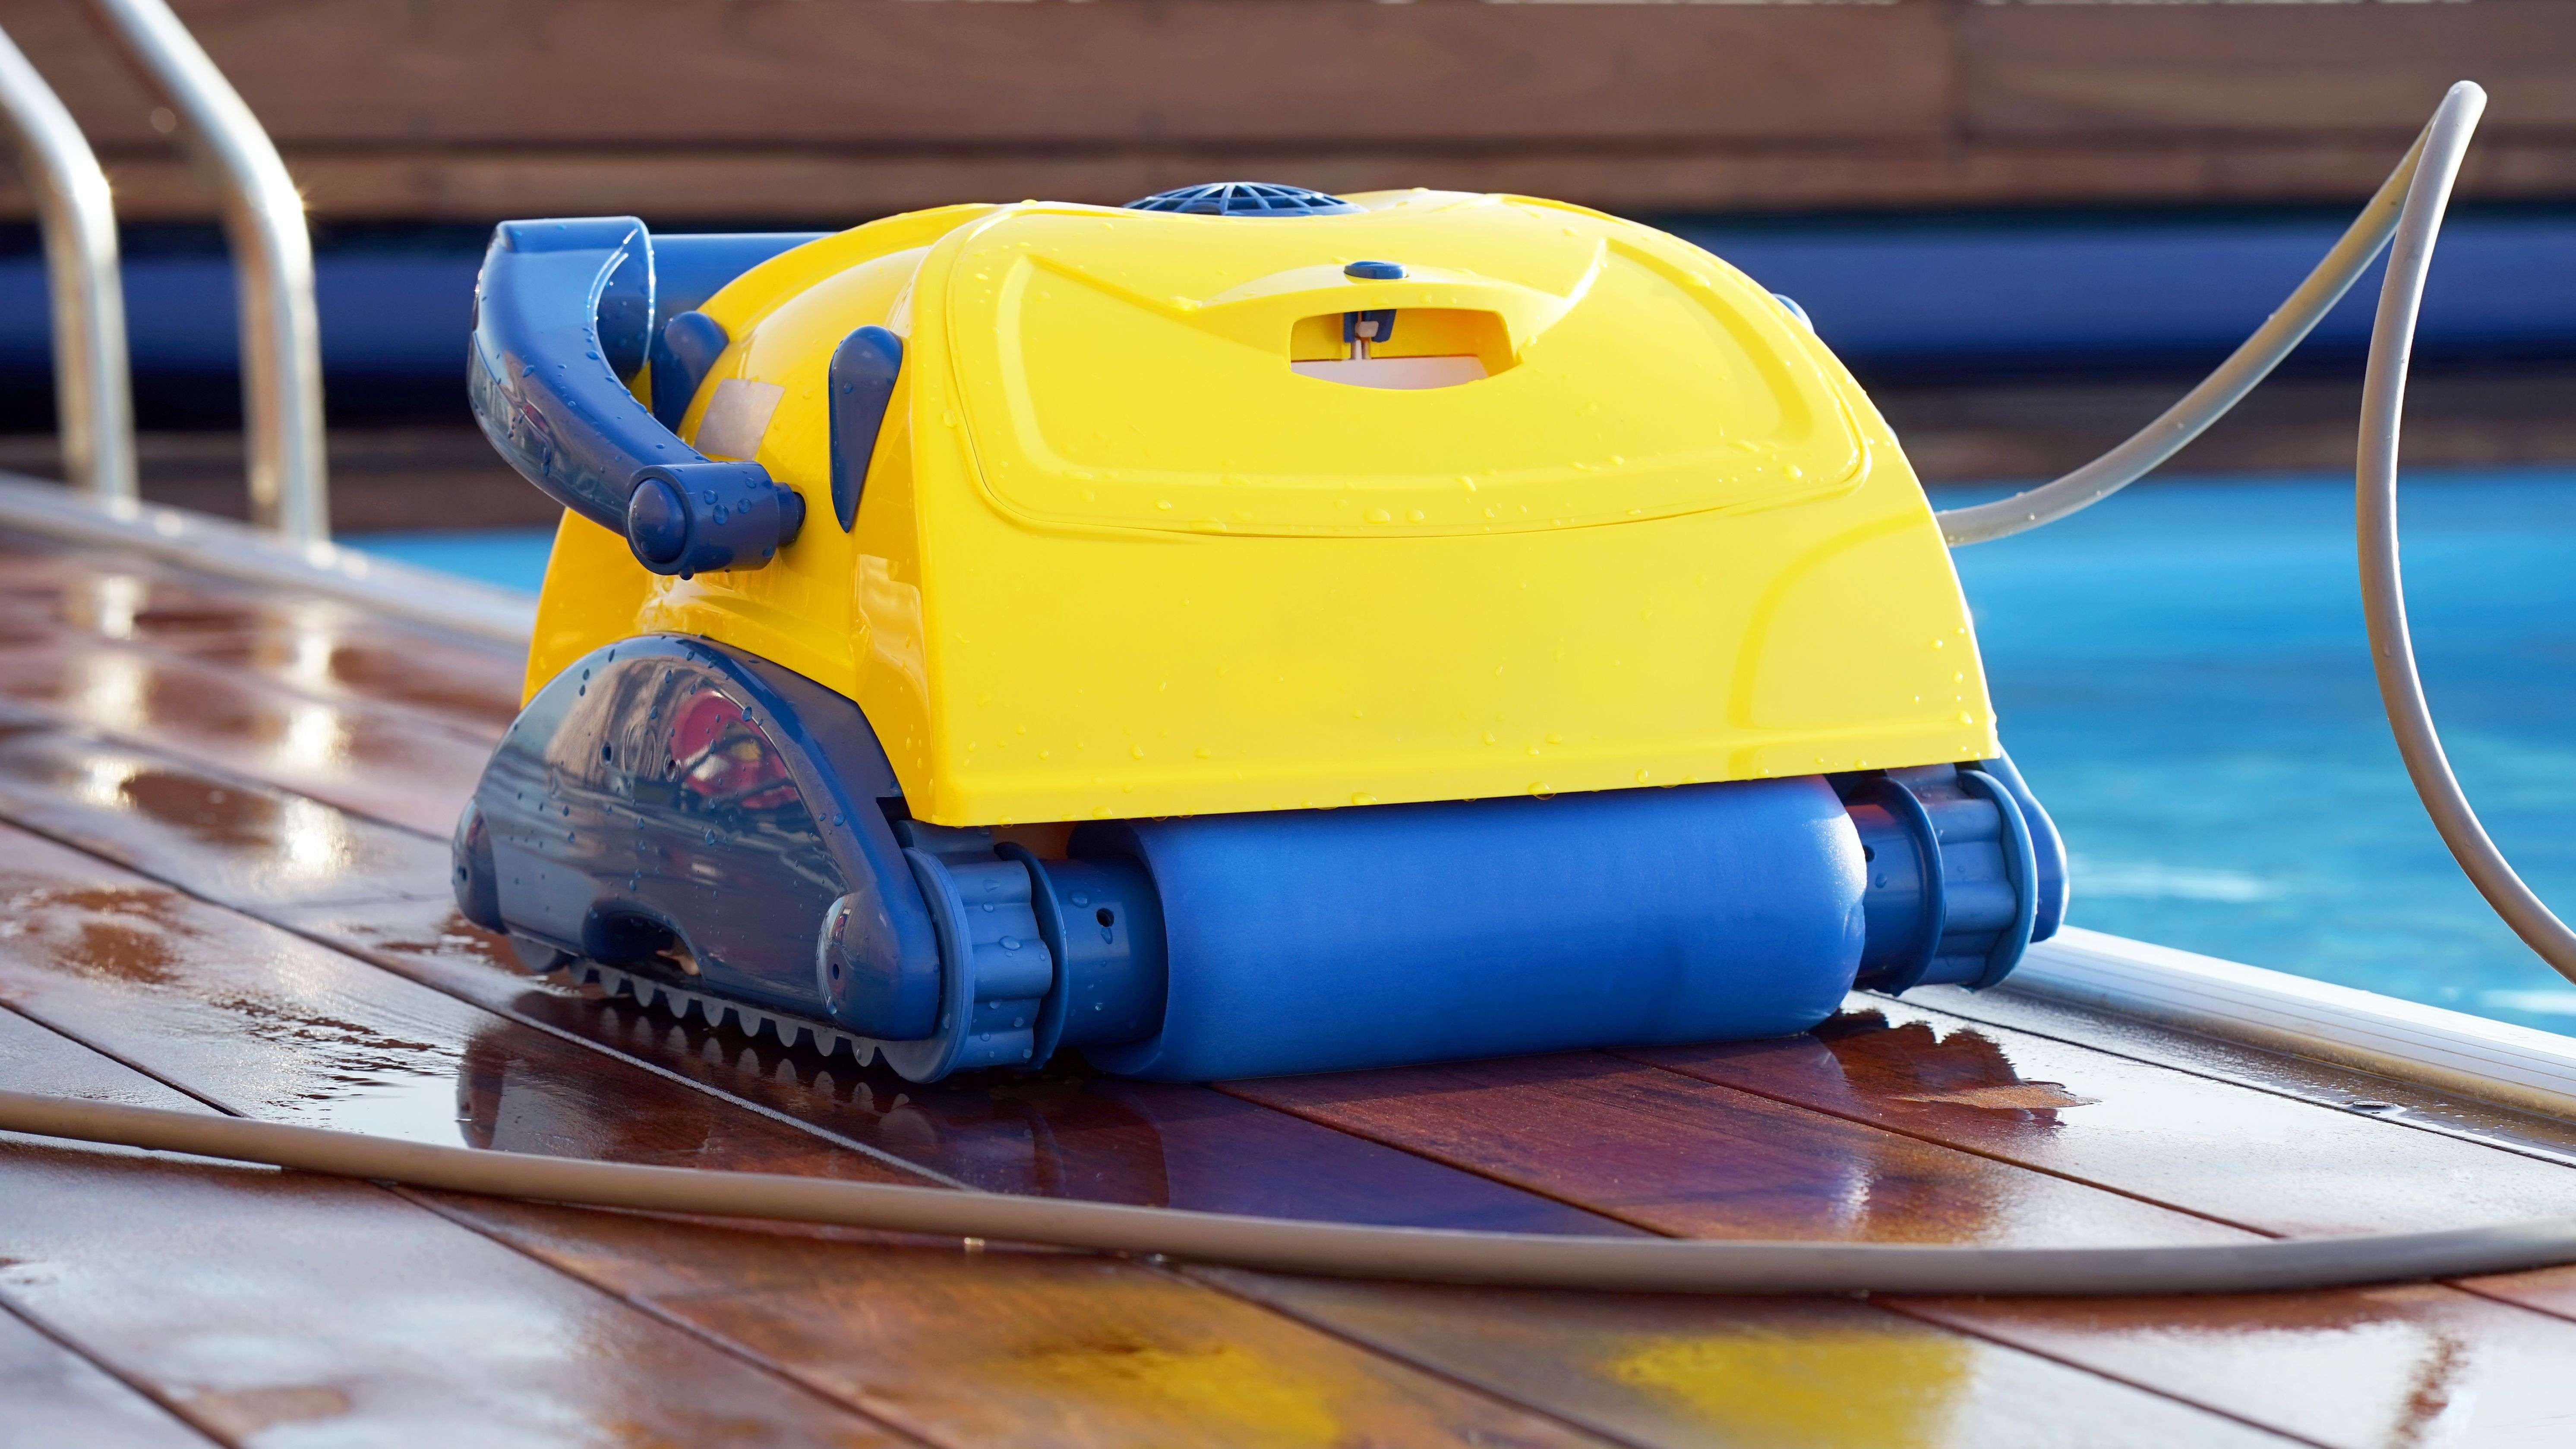 Come scegliere un robot pulitore per piscina